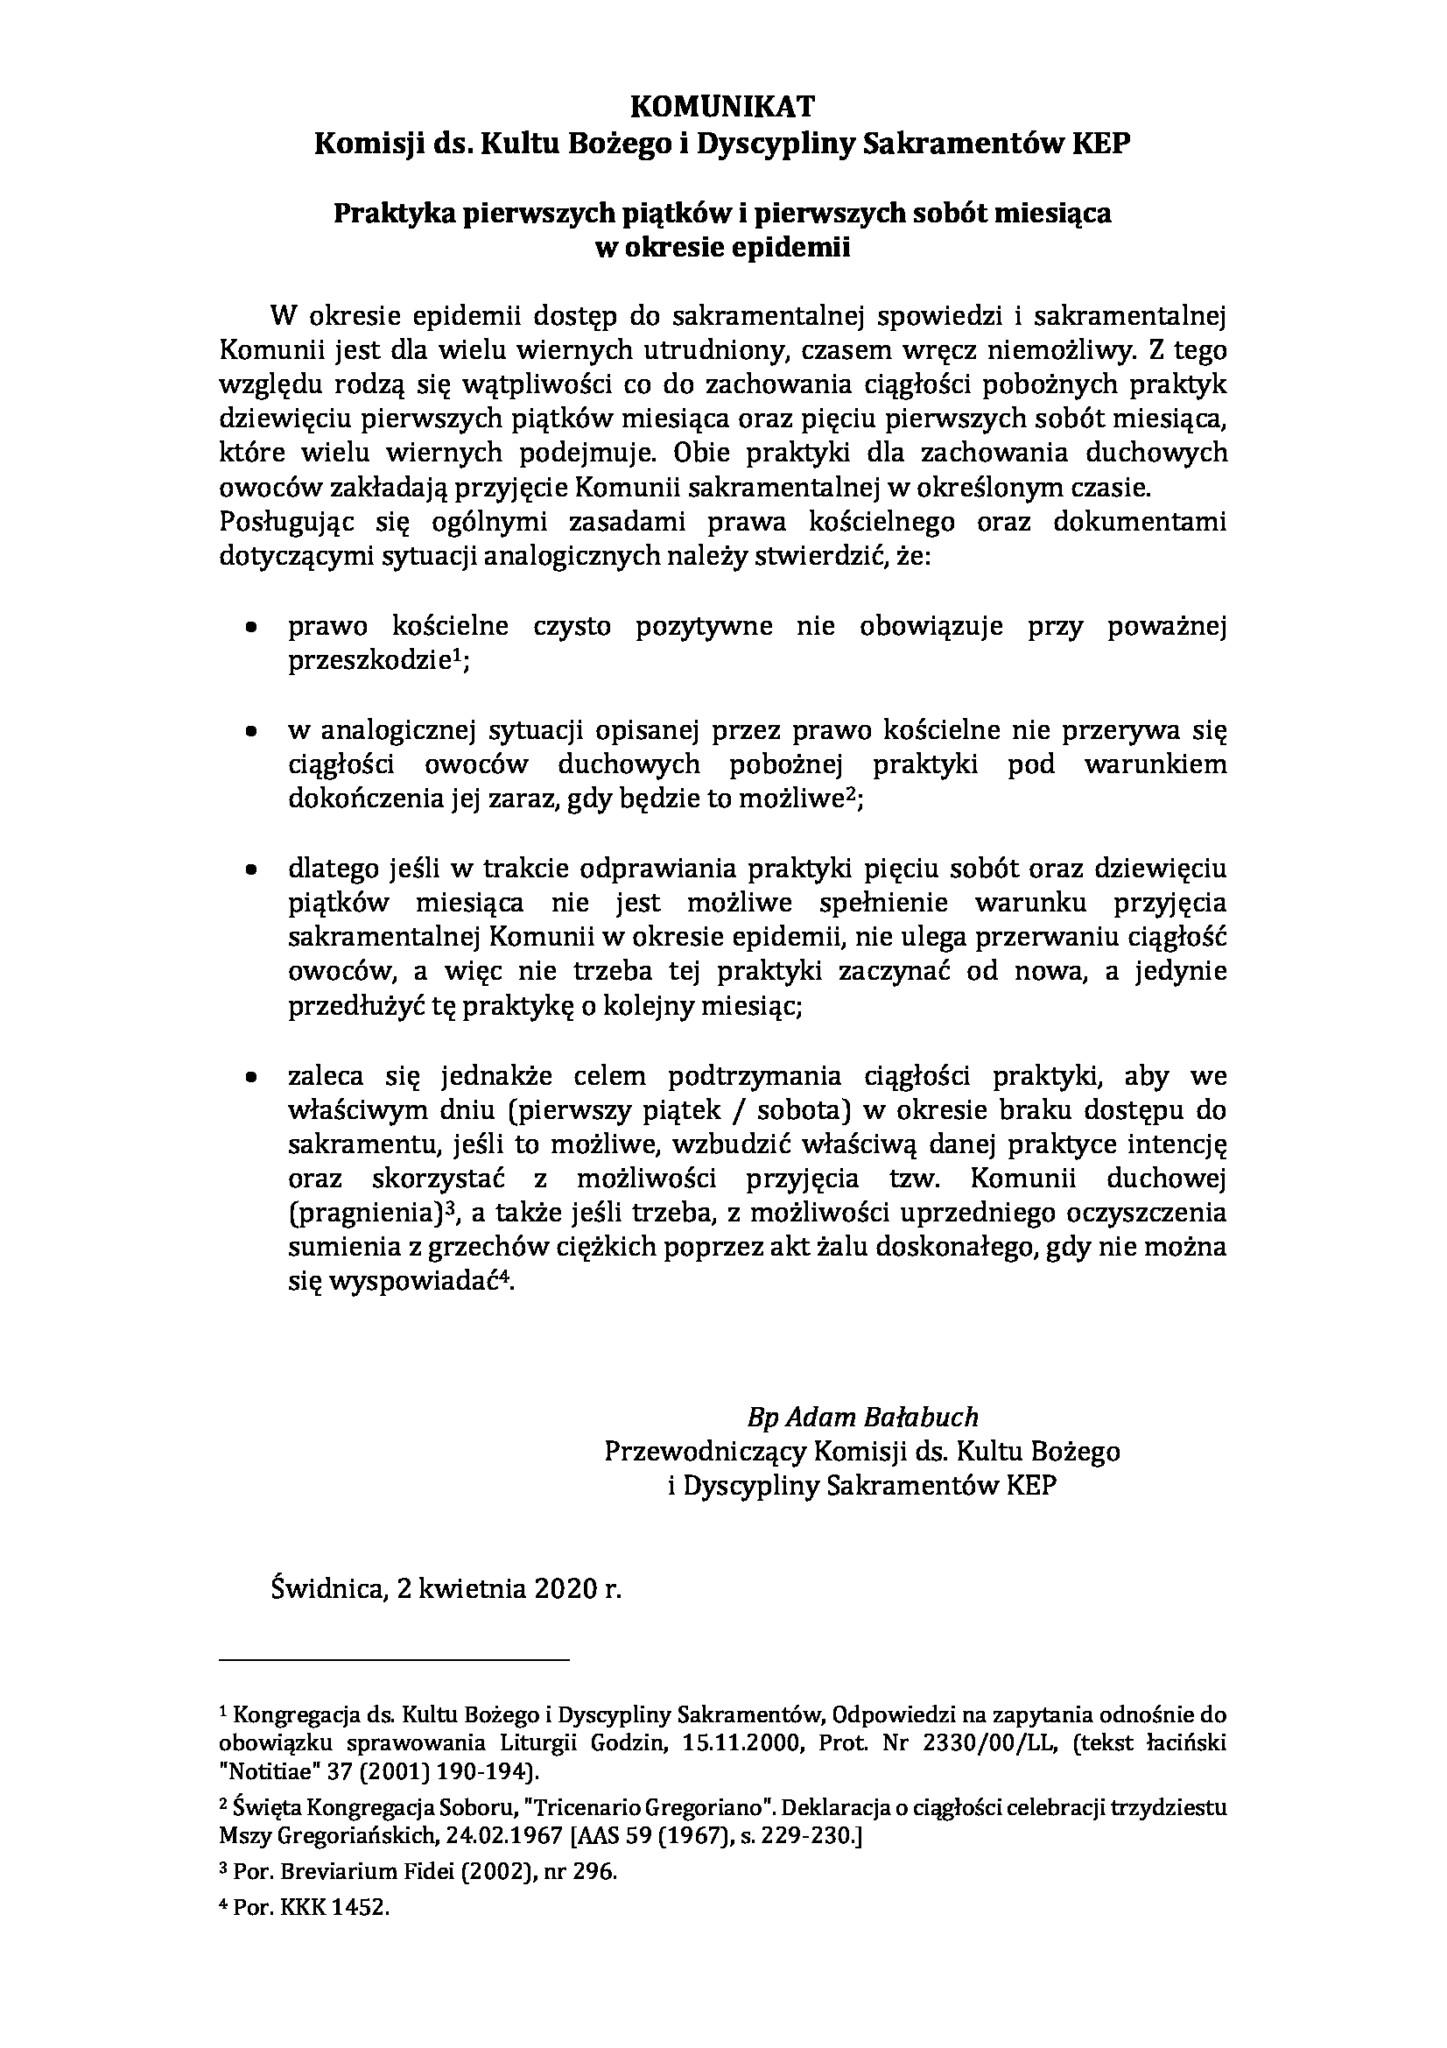 Komunikat-Komisji-Kultu-Bożego-pierwsze-piątki-pierwsze-soboty_1_